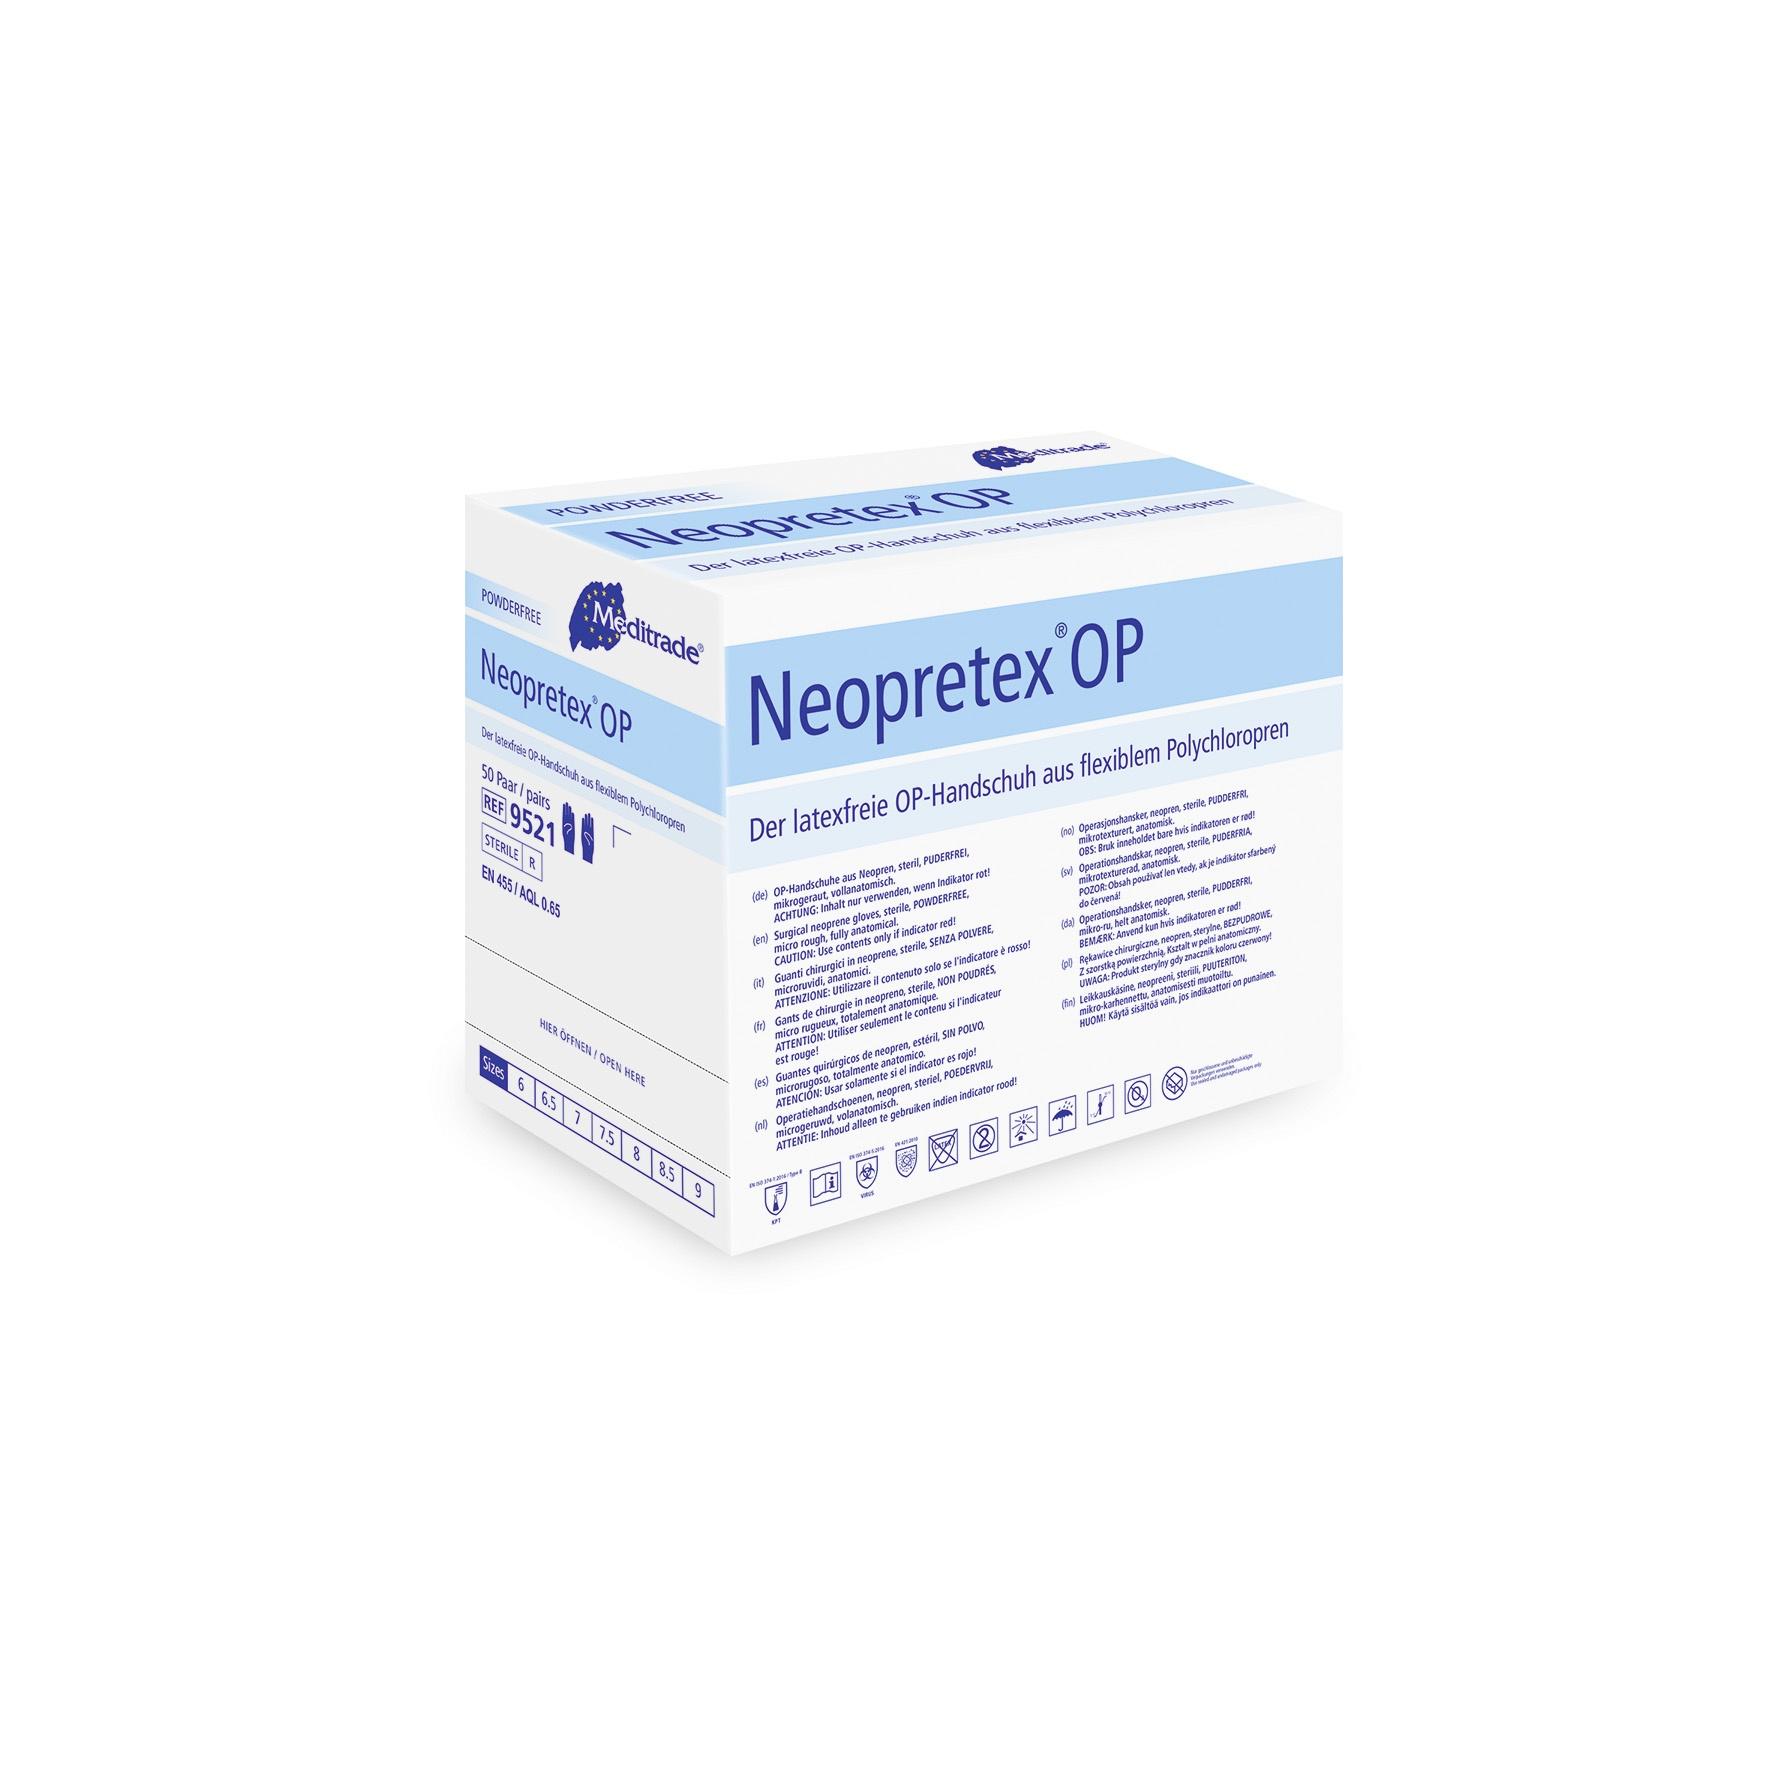 Meditrade NEOPRETEX® OP